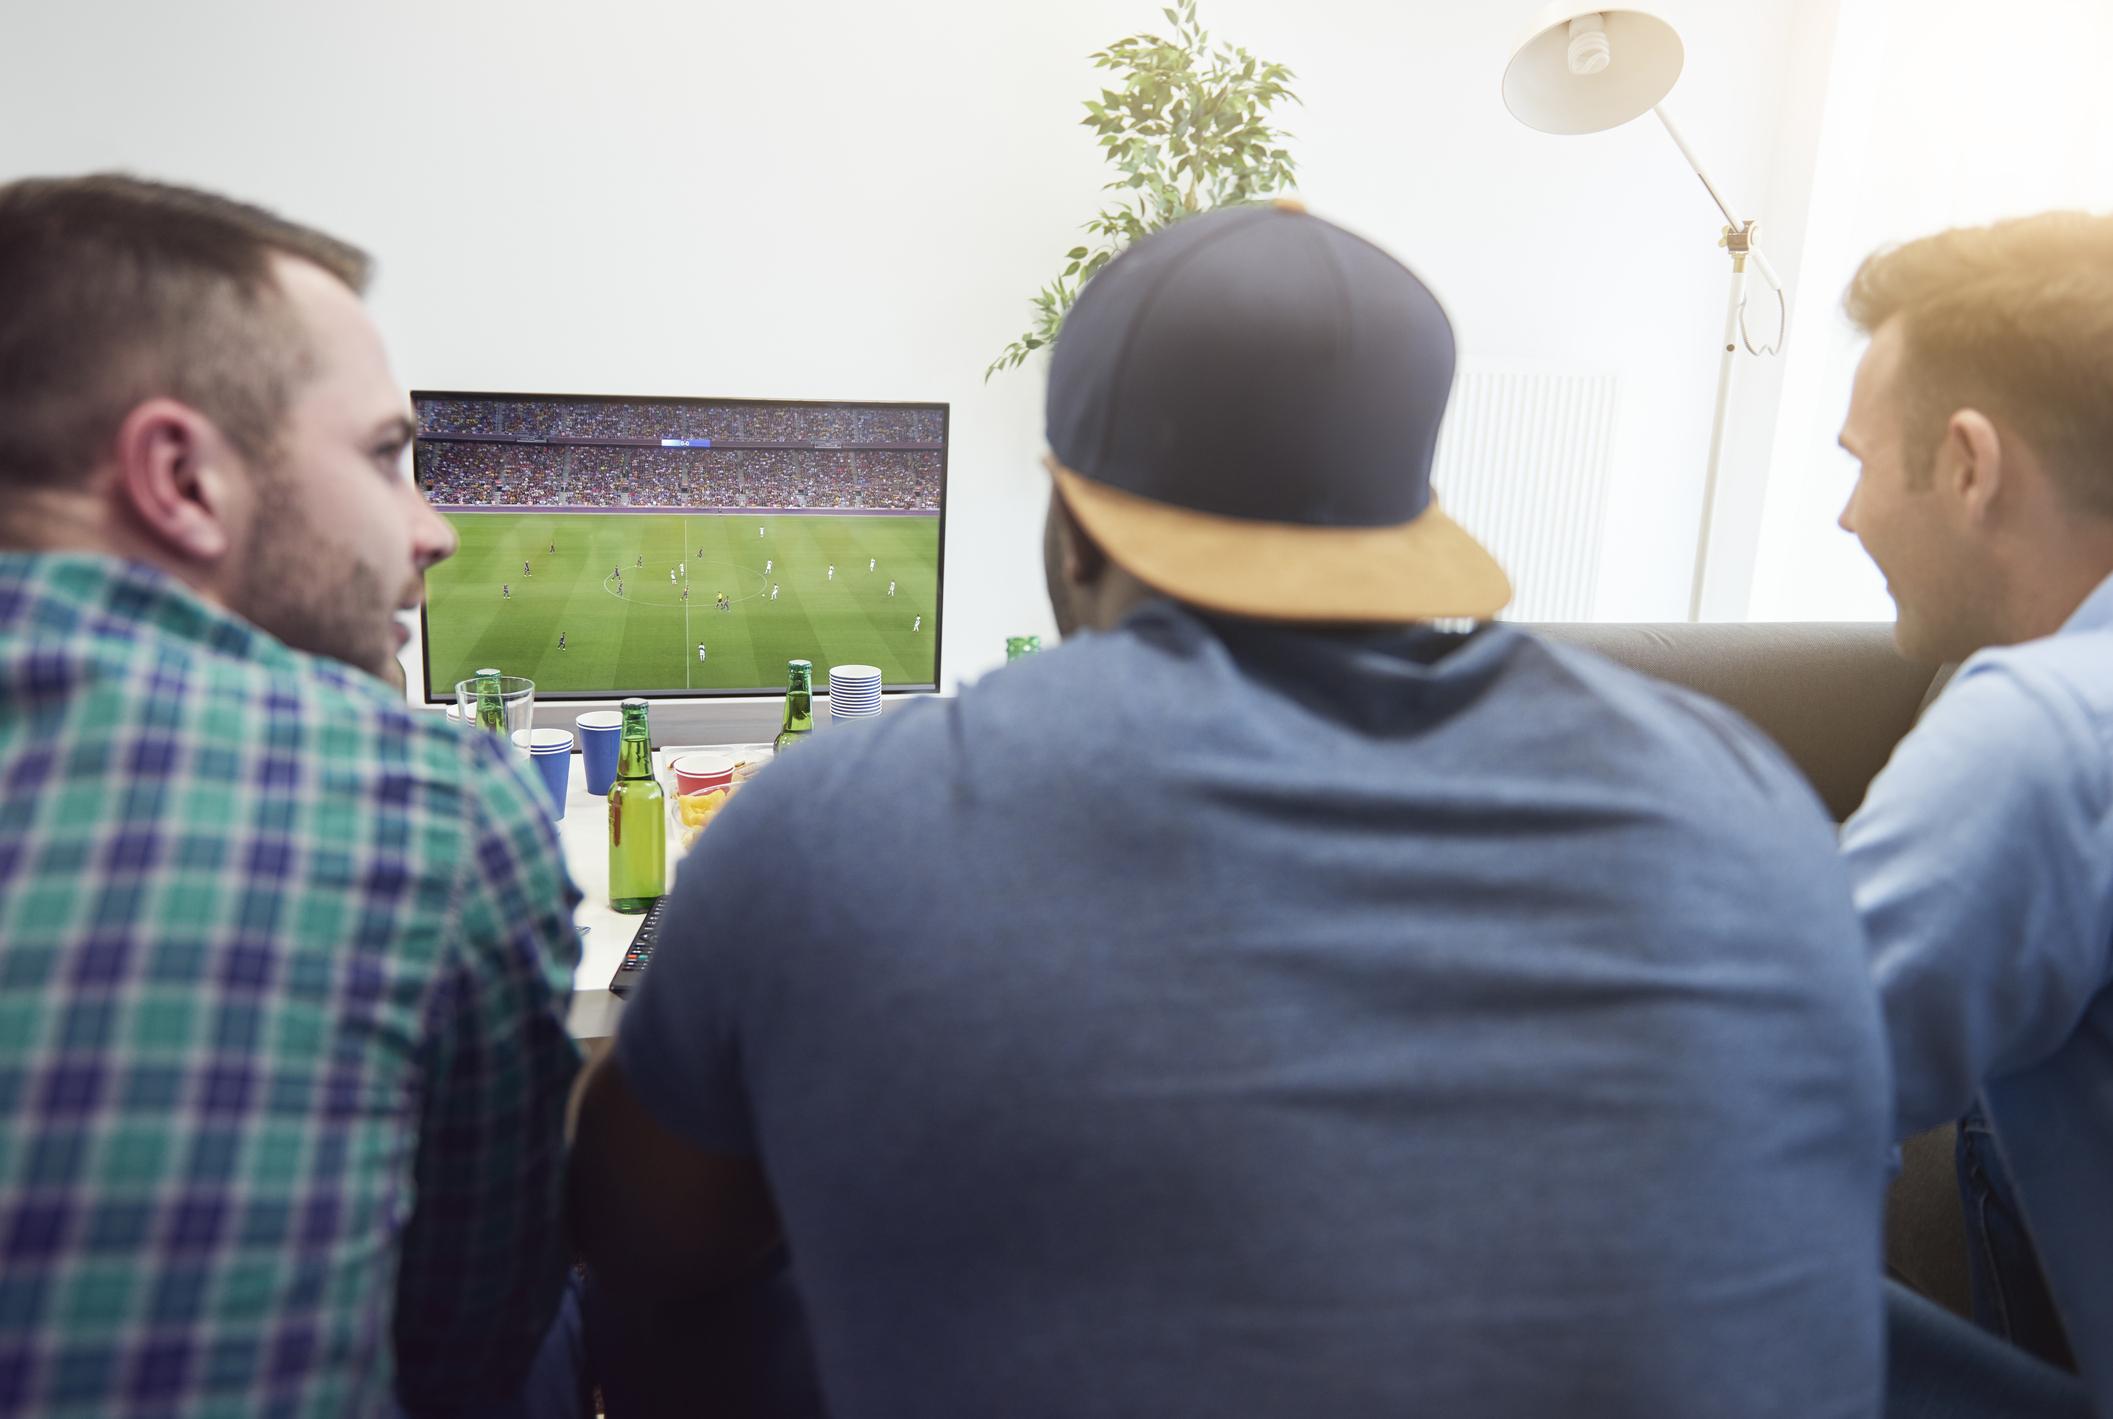 Friends watch a football game